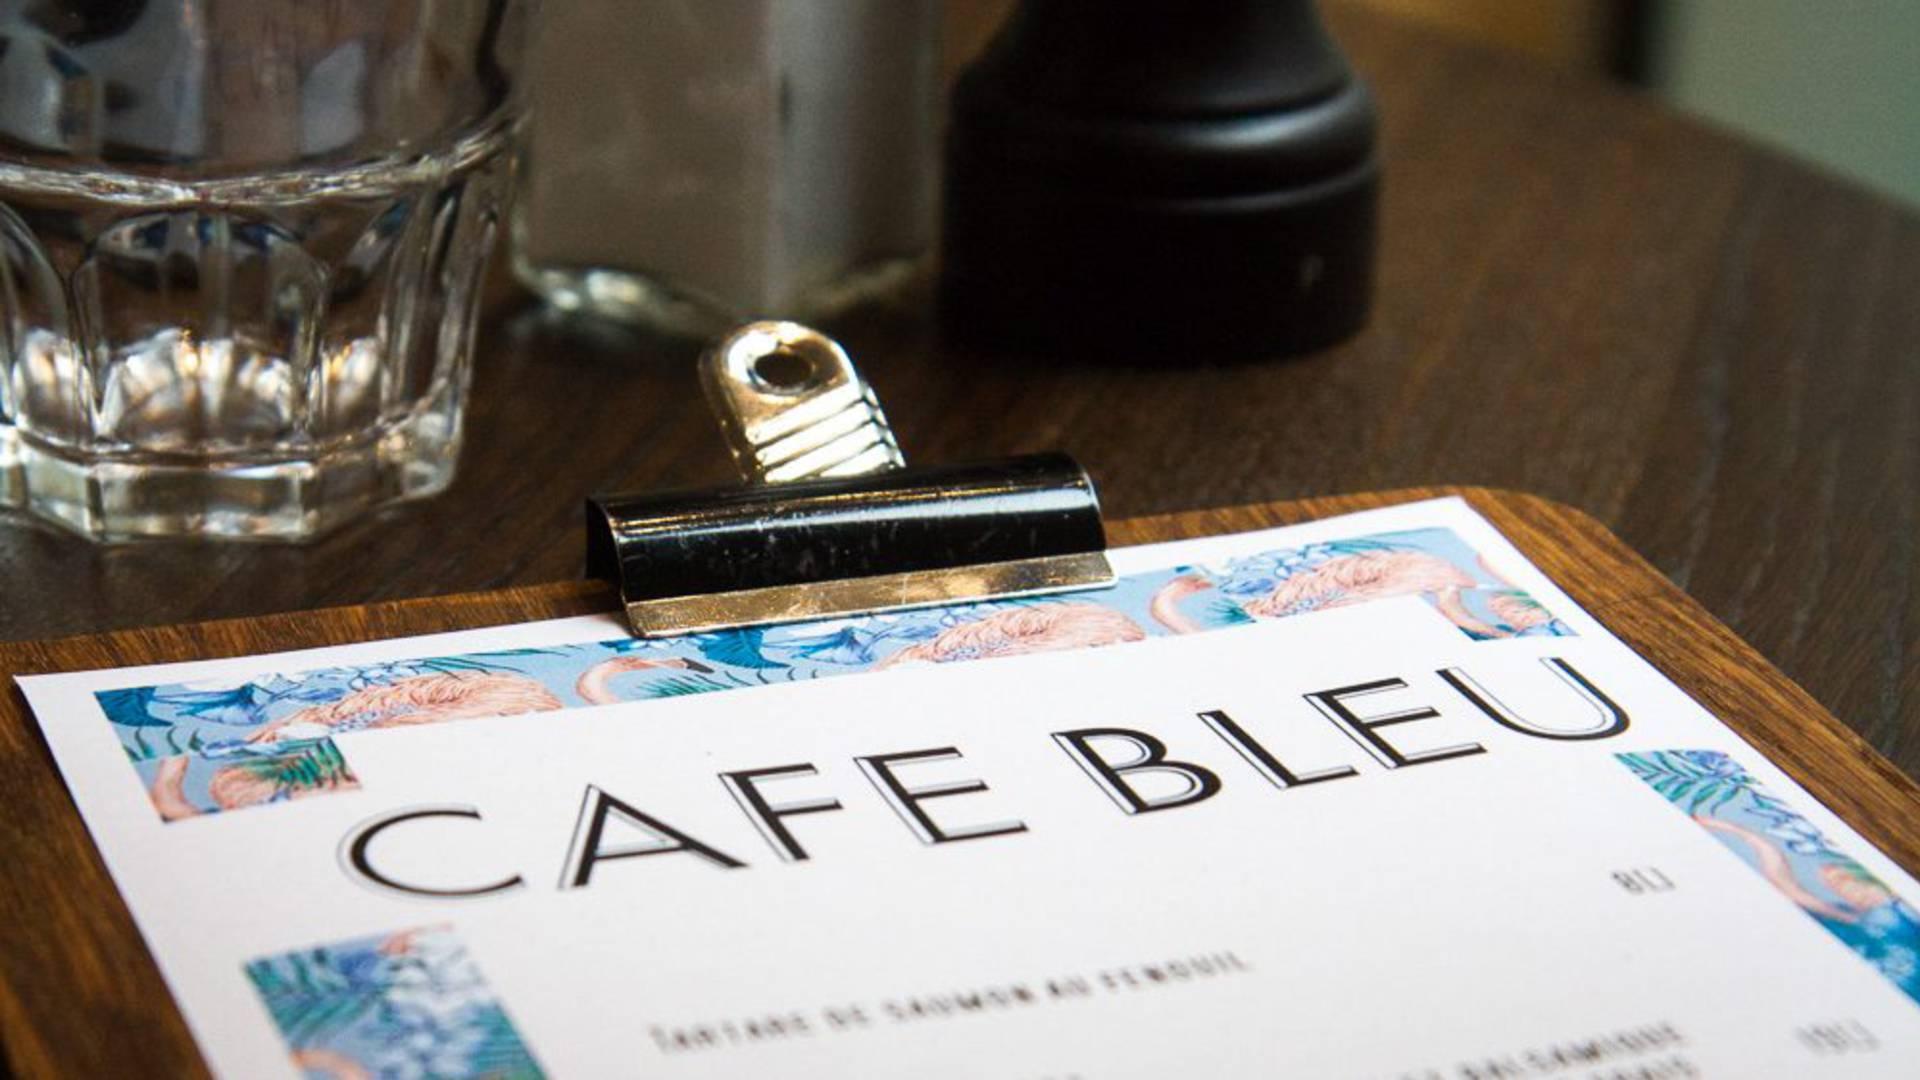 Carte du café bleu